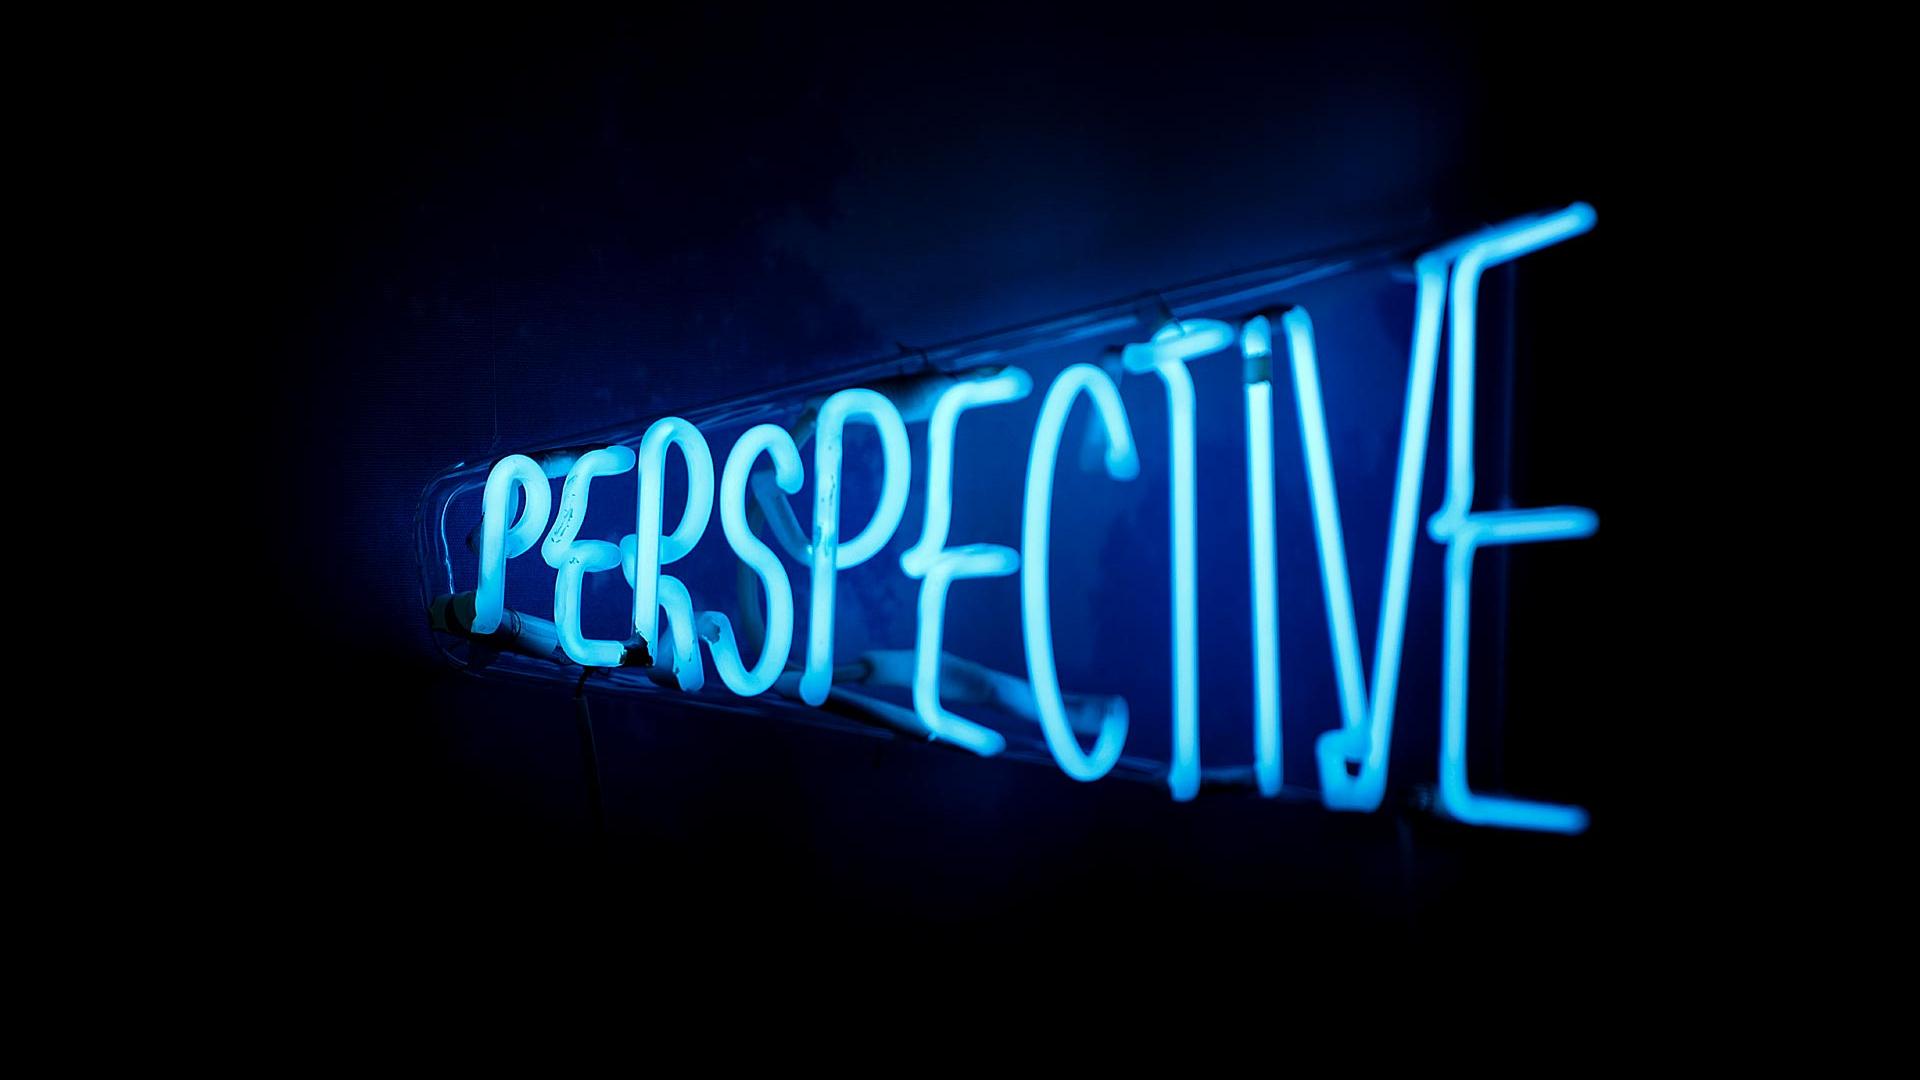 Wolfgang Beinert | Perspektive und Zukunft